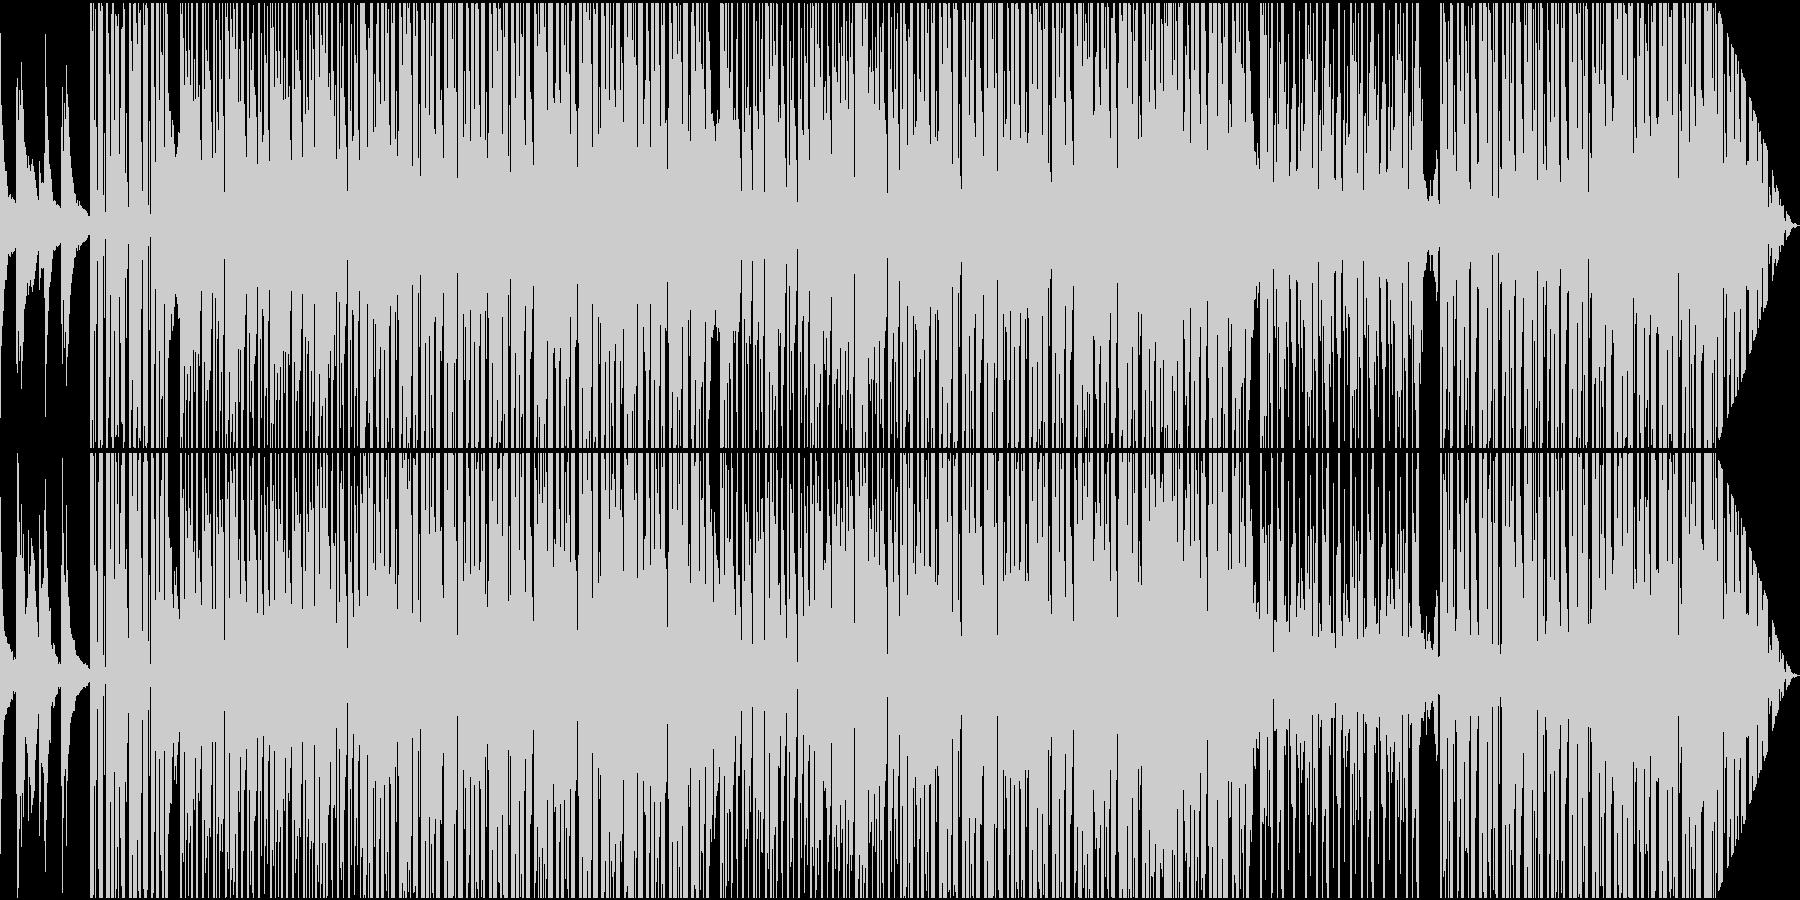 クールなR&B系ミディアムスローの未再生の波形